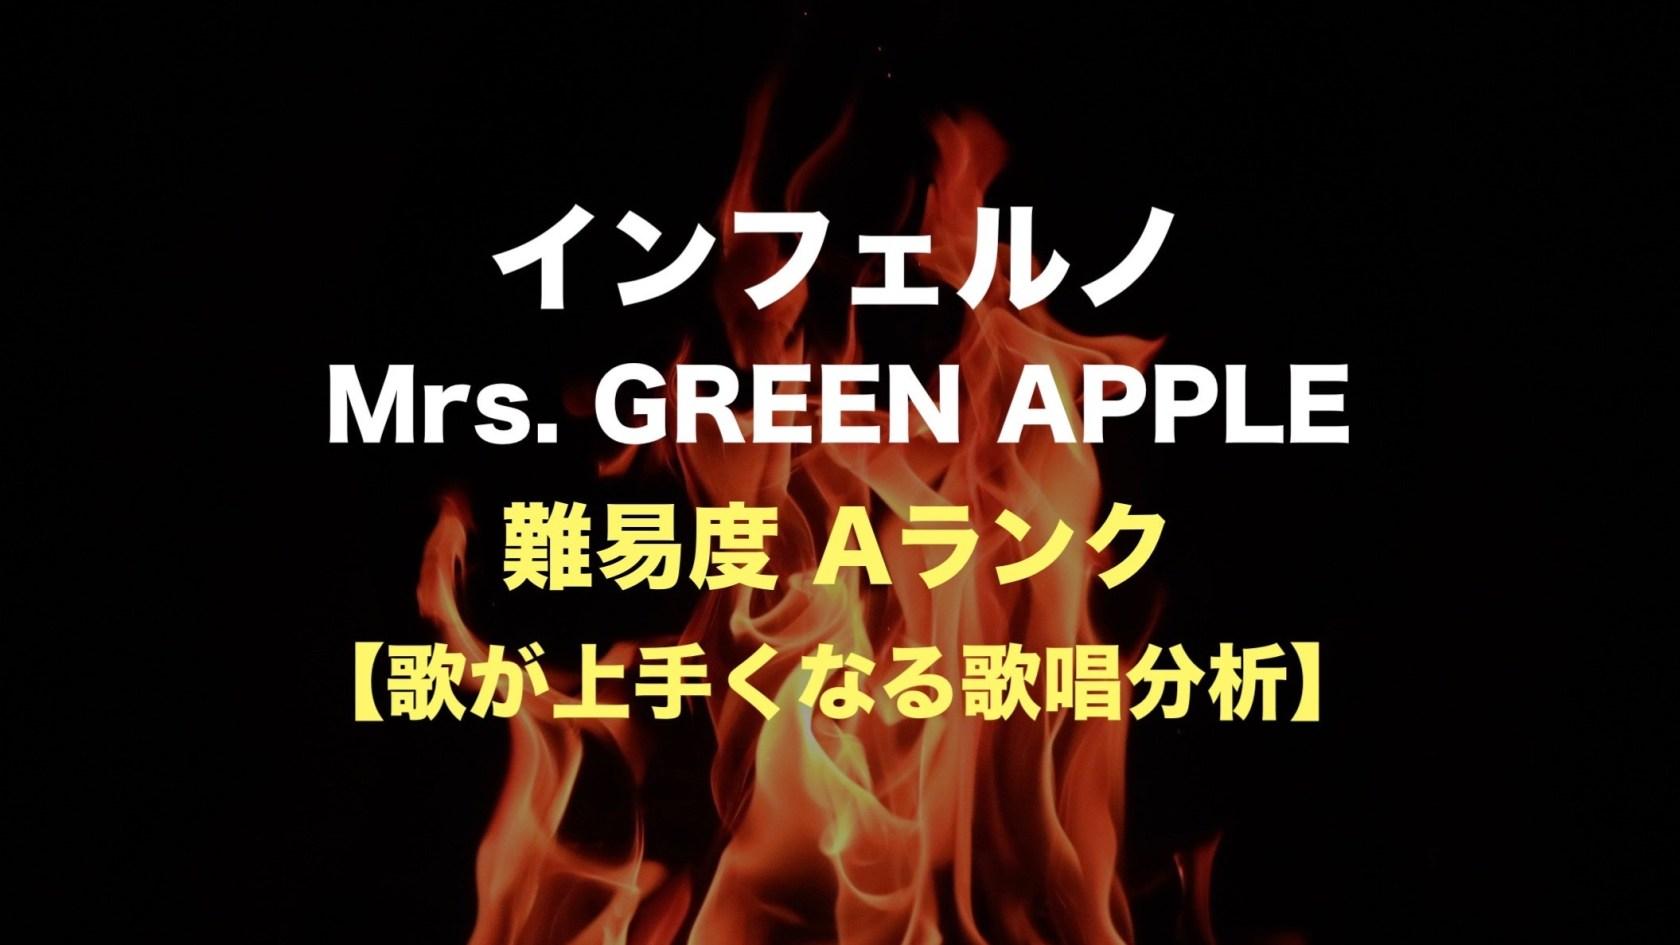 【歌い方】インフェルノ / Mrs. GREEN APPLE(難易度A)【歌が上手くなる歌唱分析シリーズ】